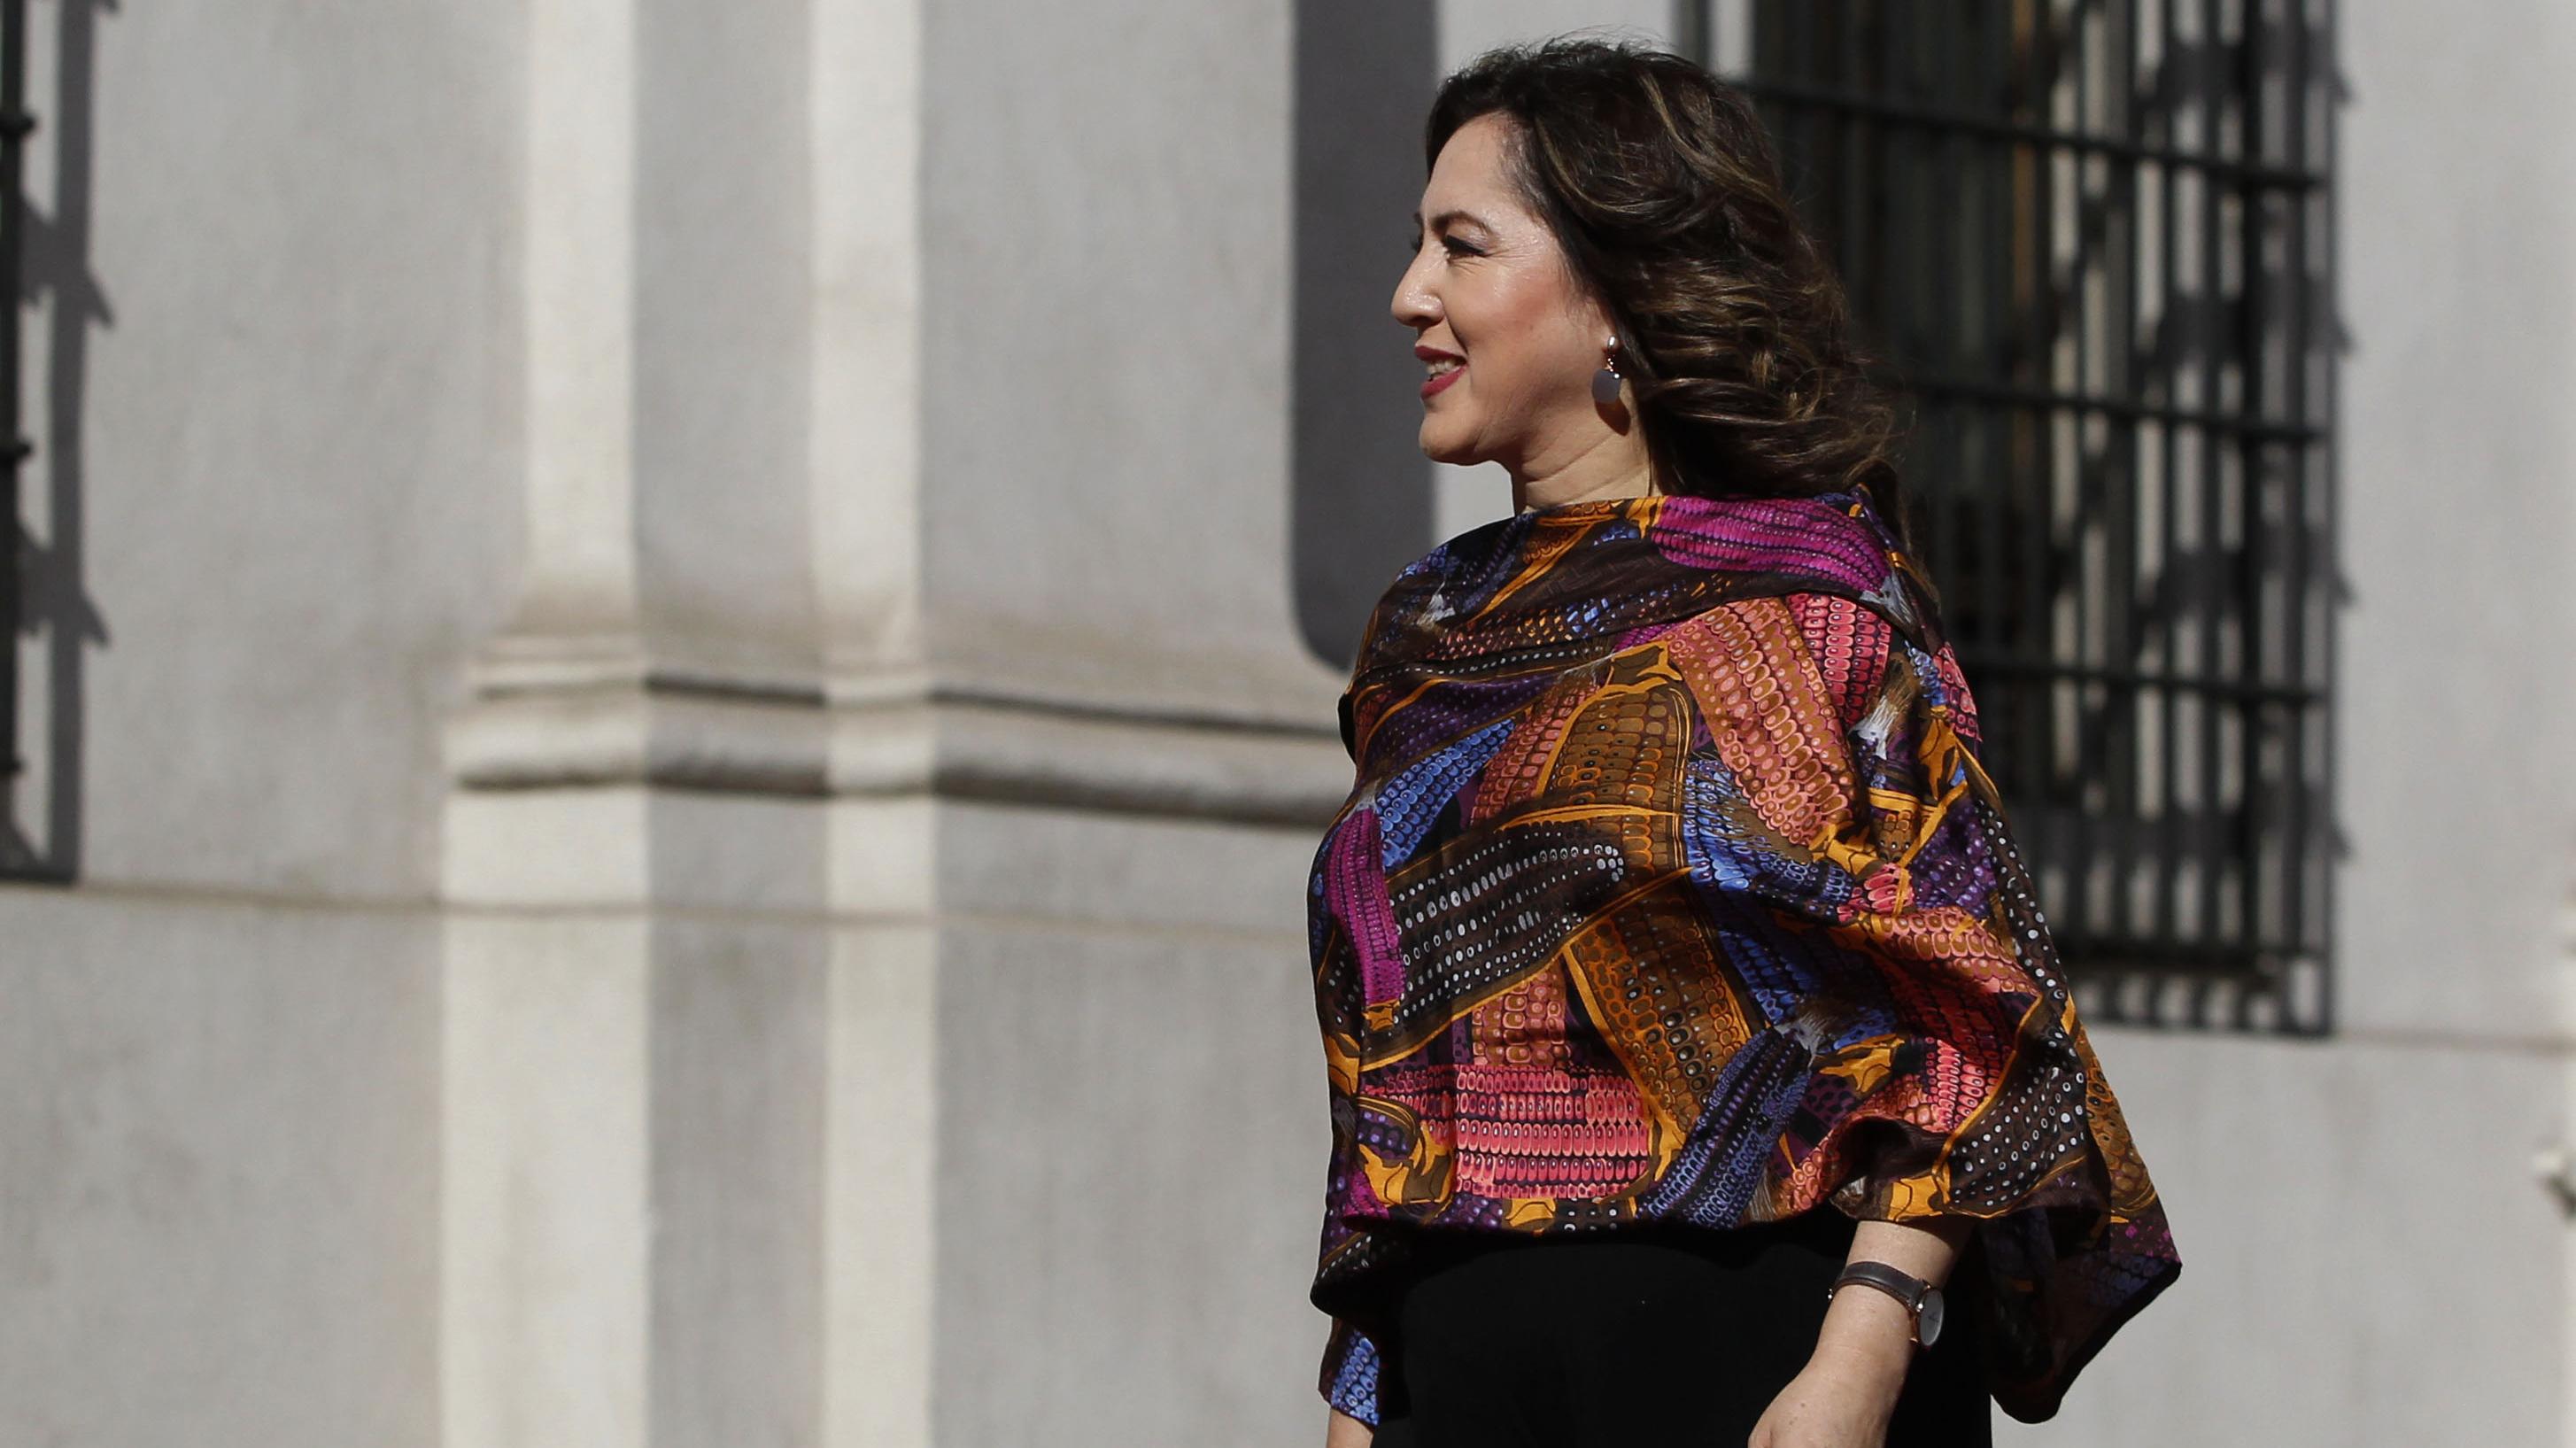 El país observador: El papel que ha tomado Bolivia en los foros que han cuestionado el rol de Maduro